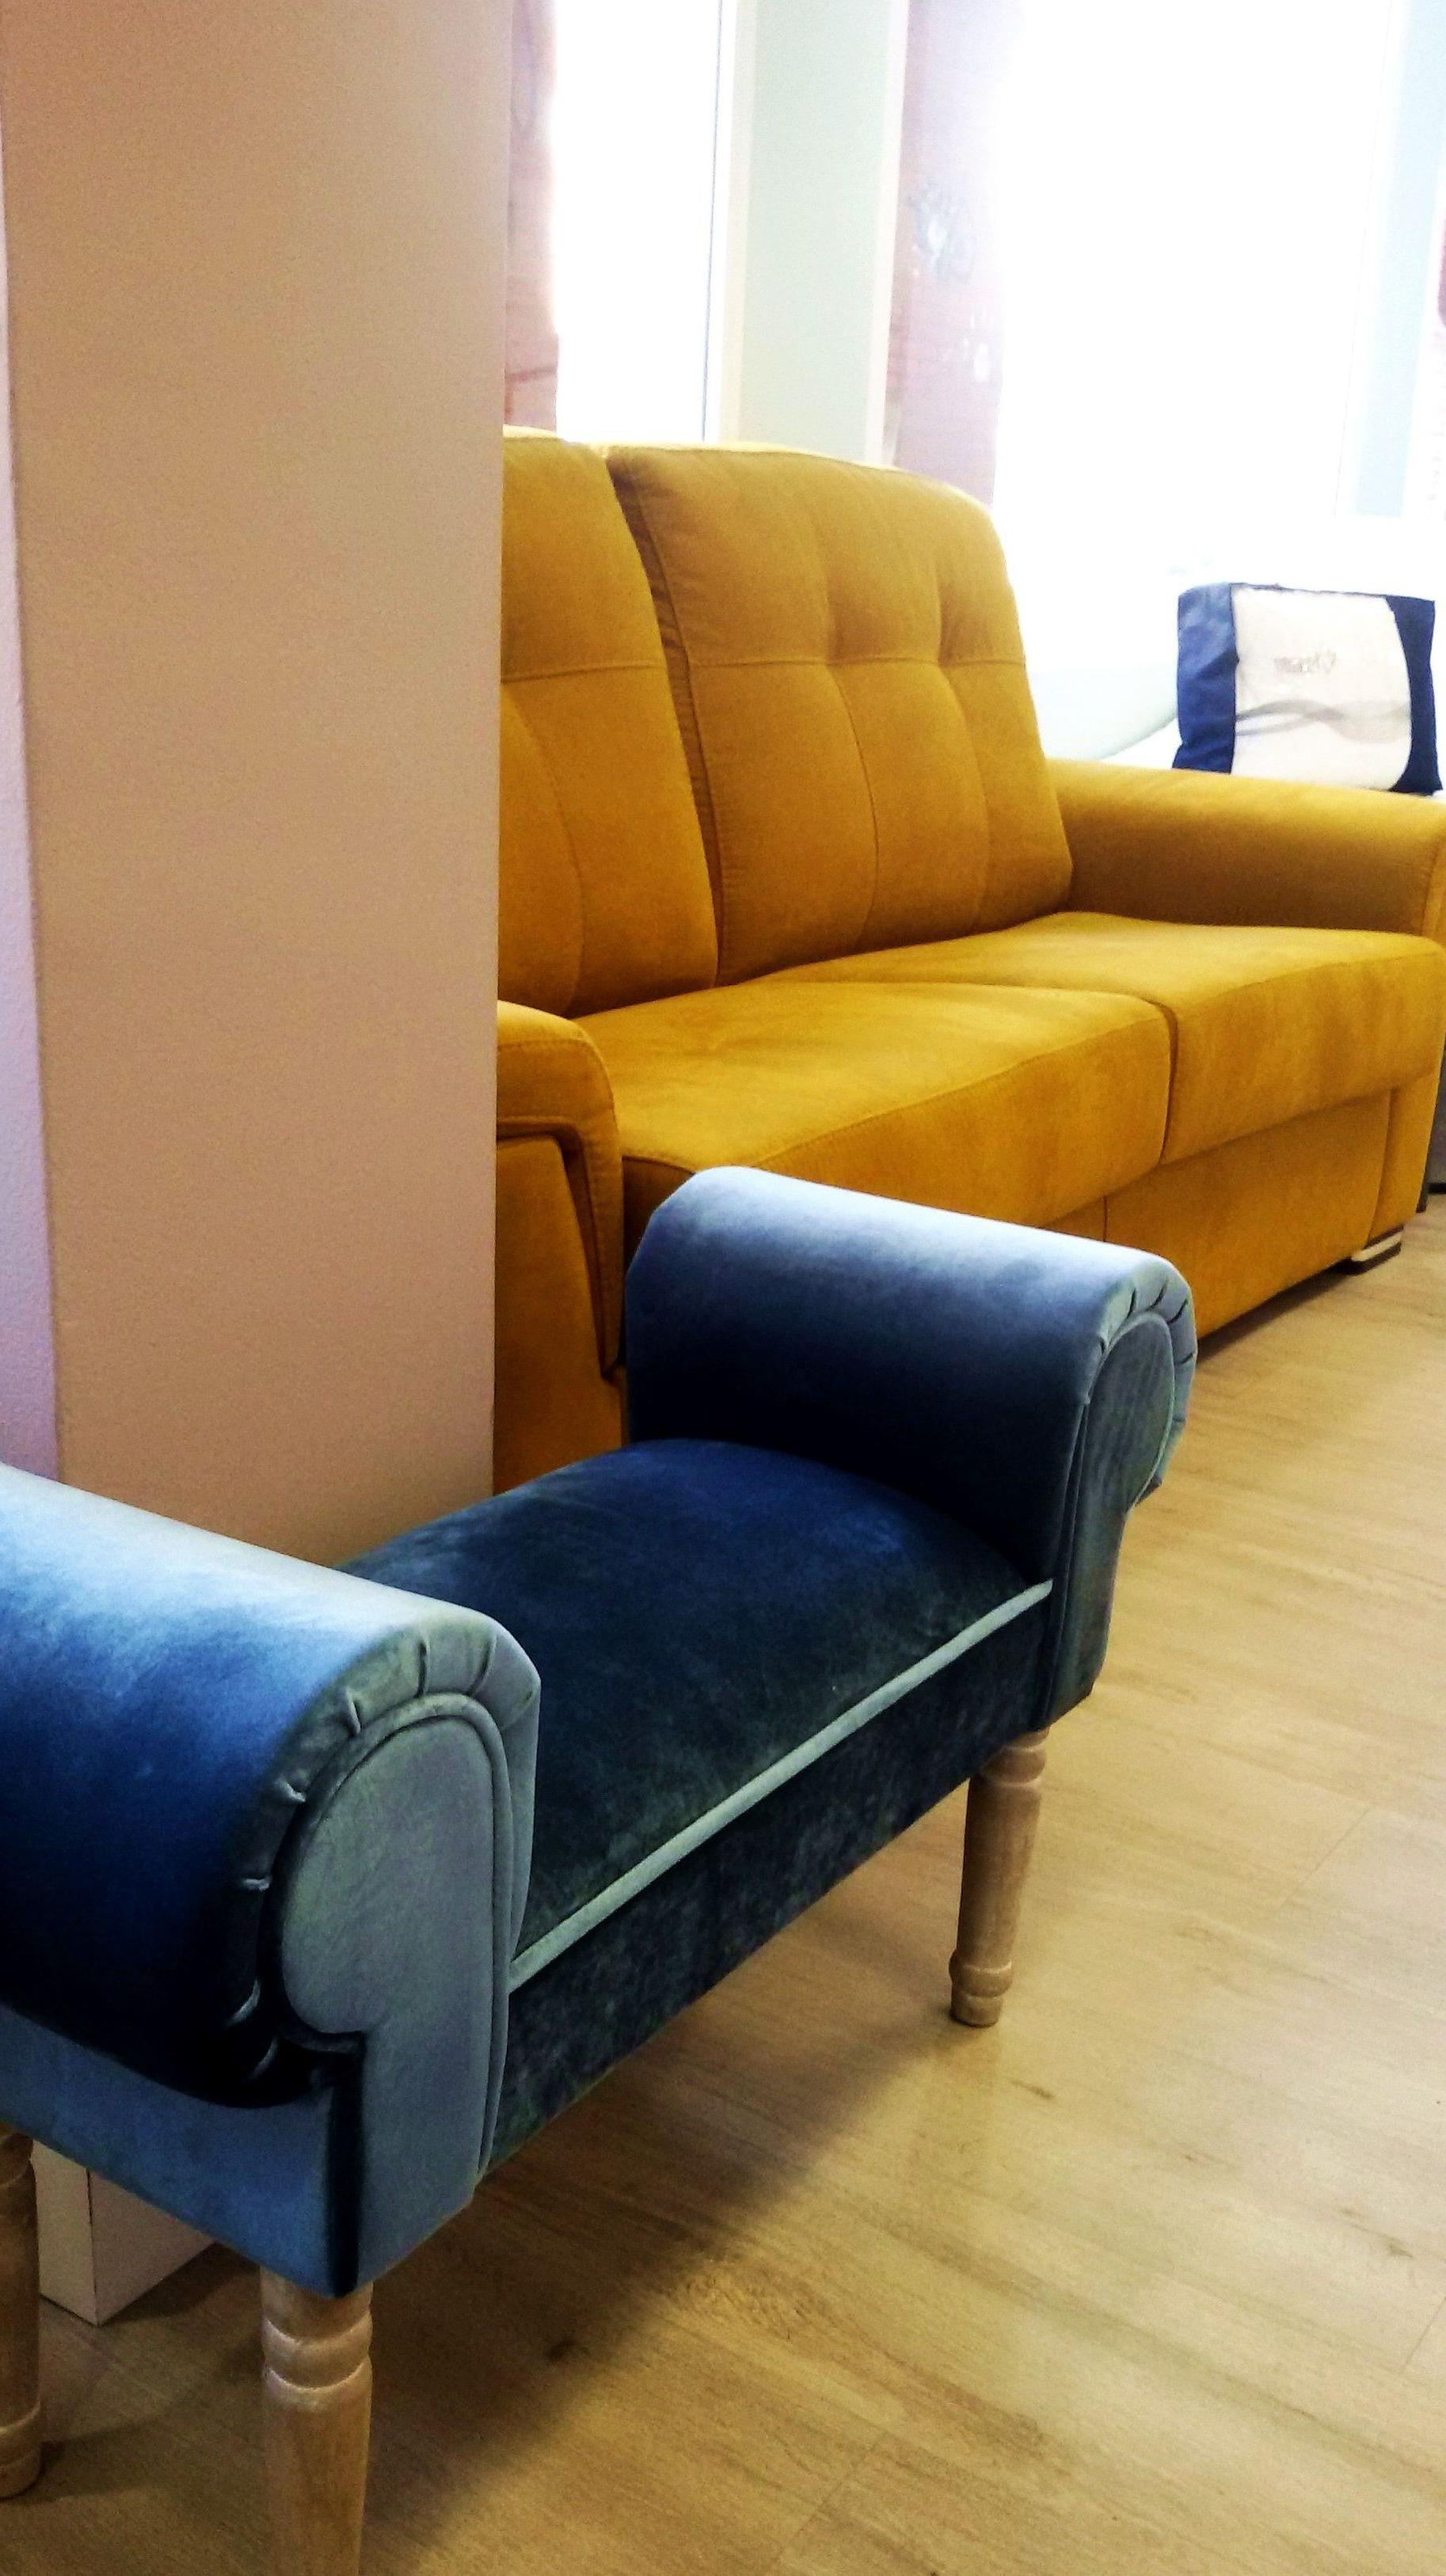 Muebles Economicos Drdp Tiendas De Muebles Economicos En Madrid Muebles Oligom